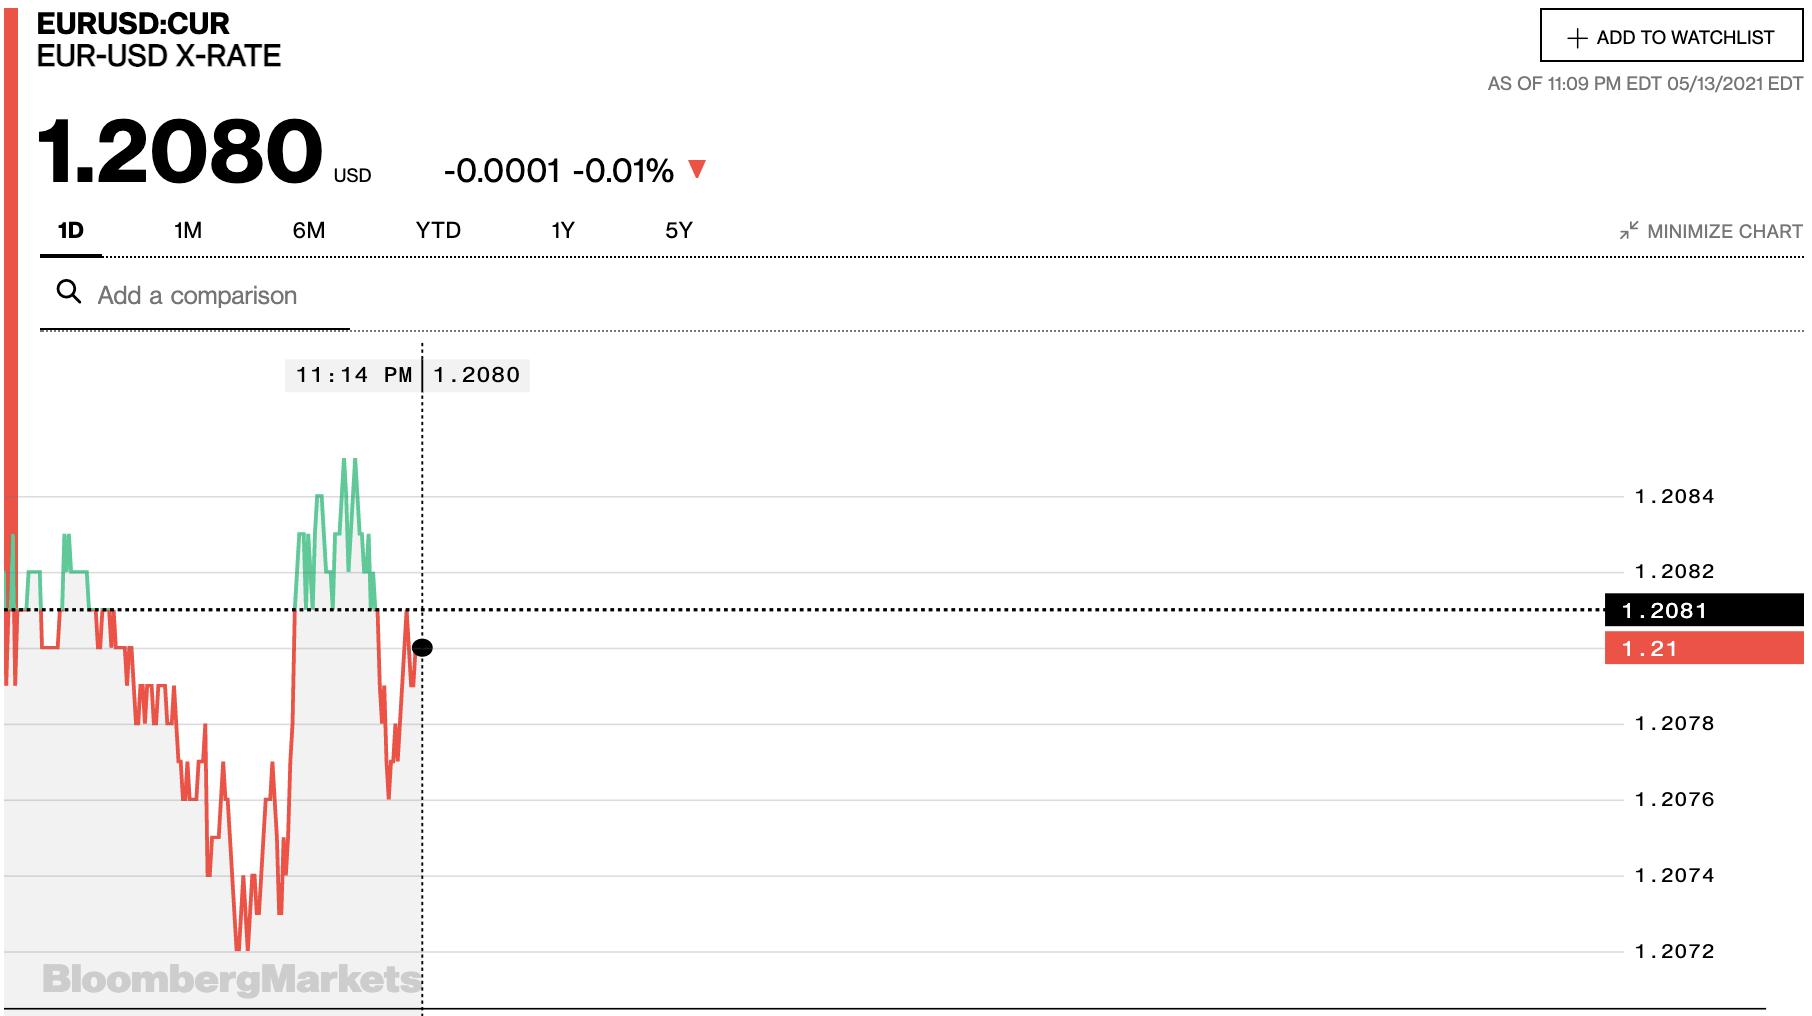 Tỷ giá euro hôm nay 14/5: Xu hướng giảm tiếp tục chiếm đa số ngân hàng - Ảnh 2.